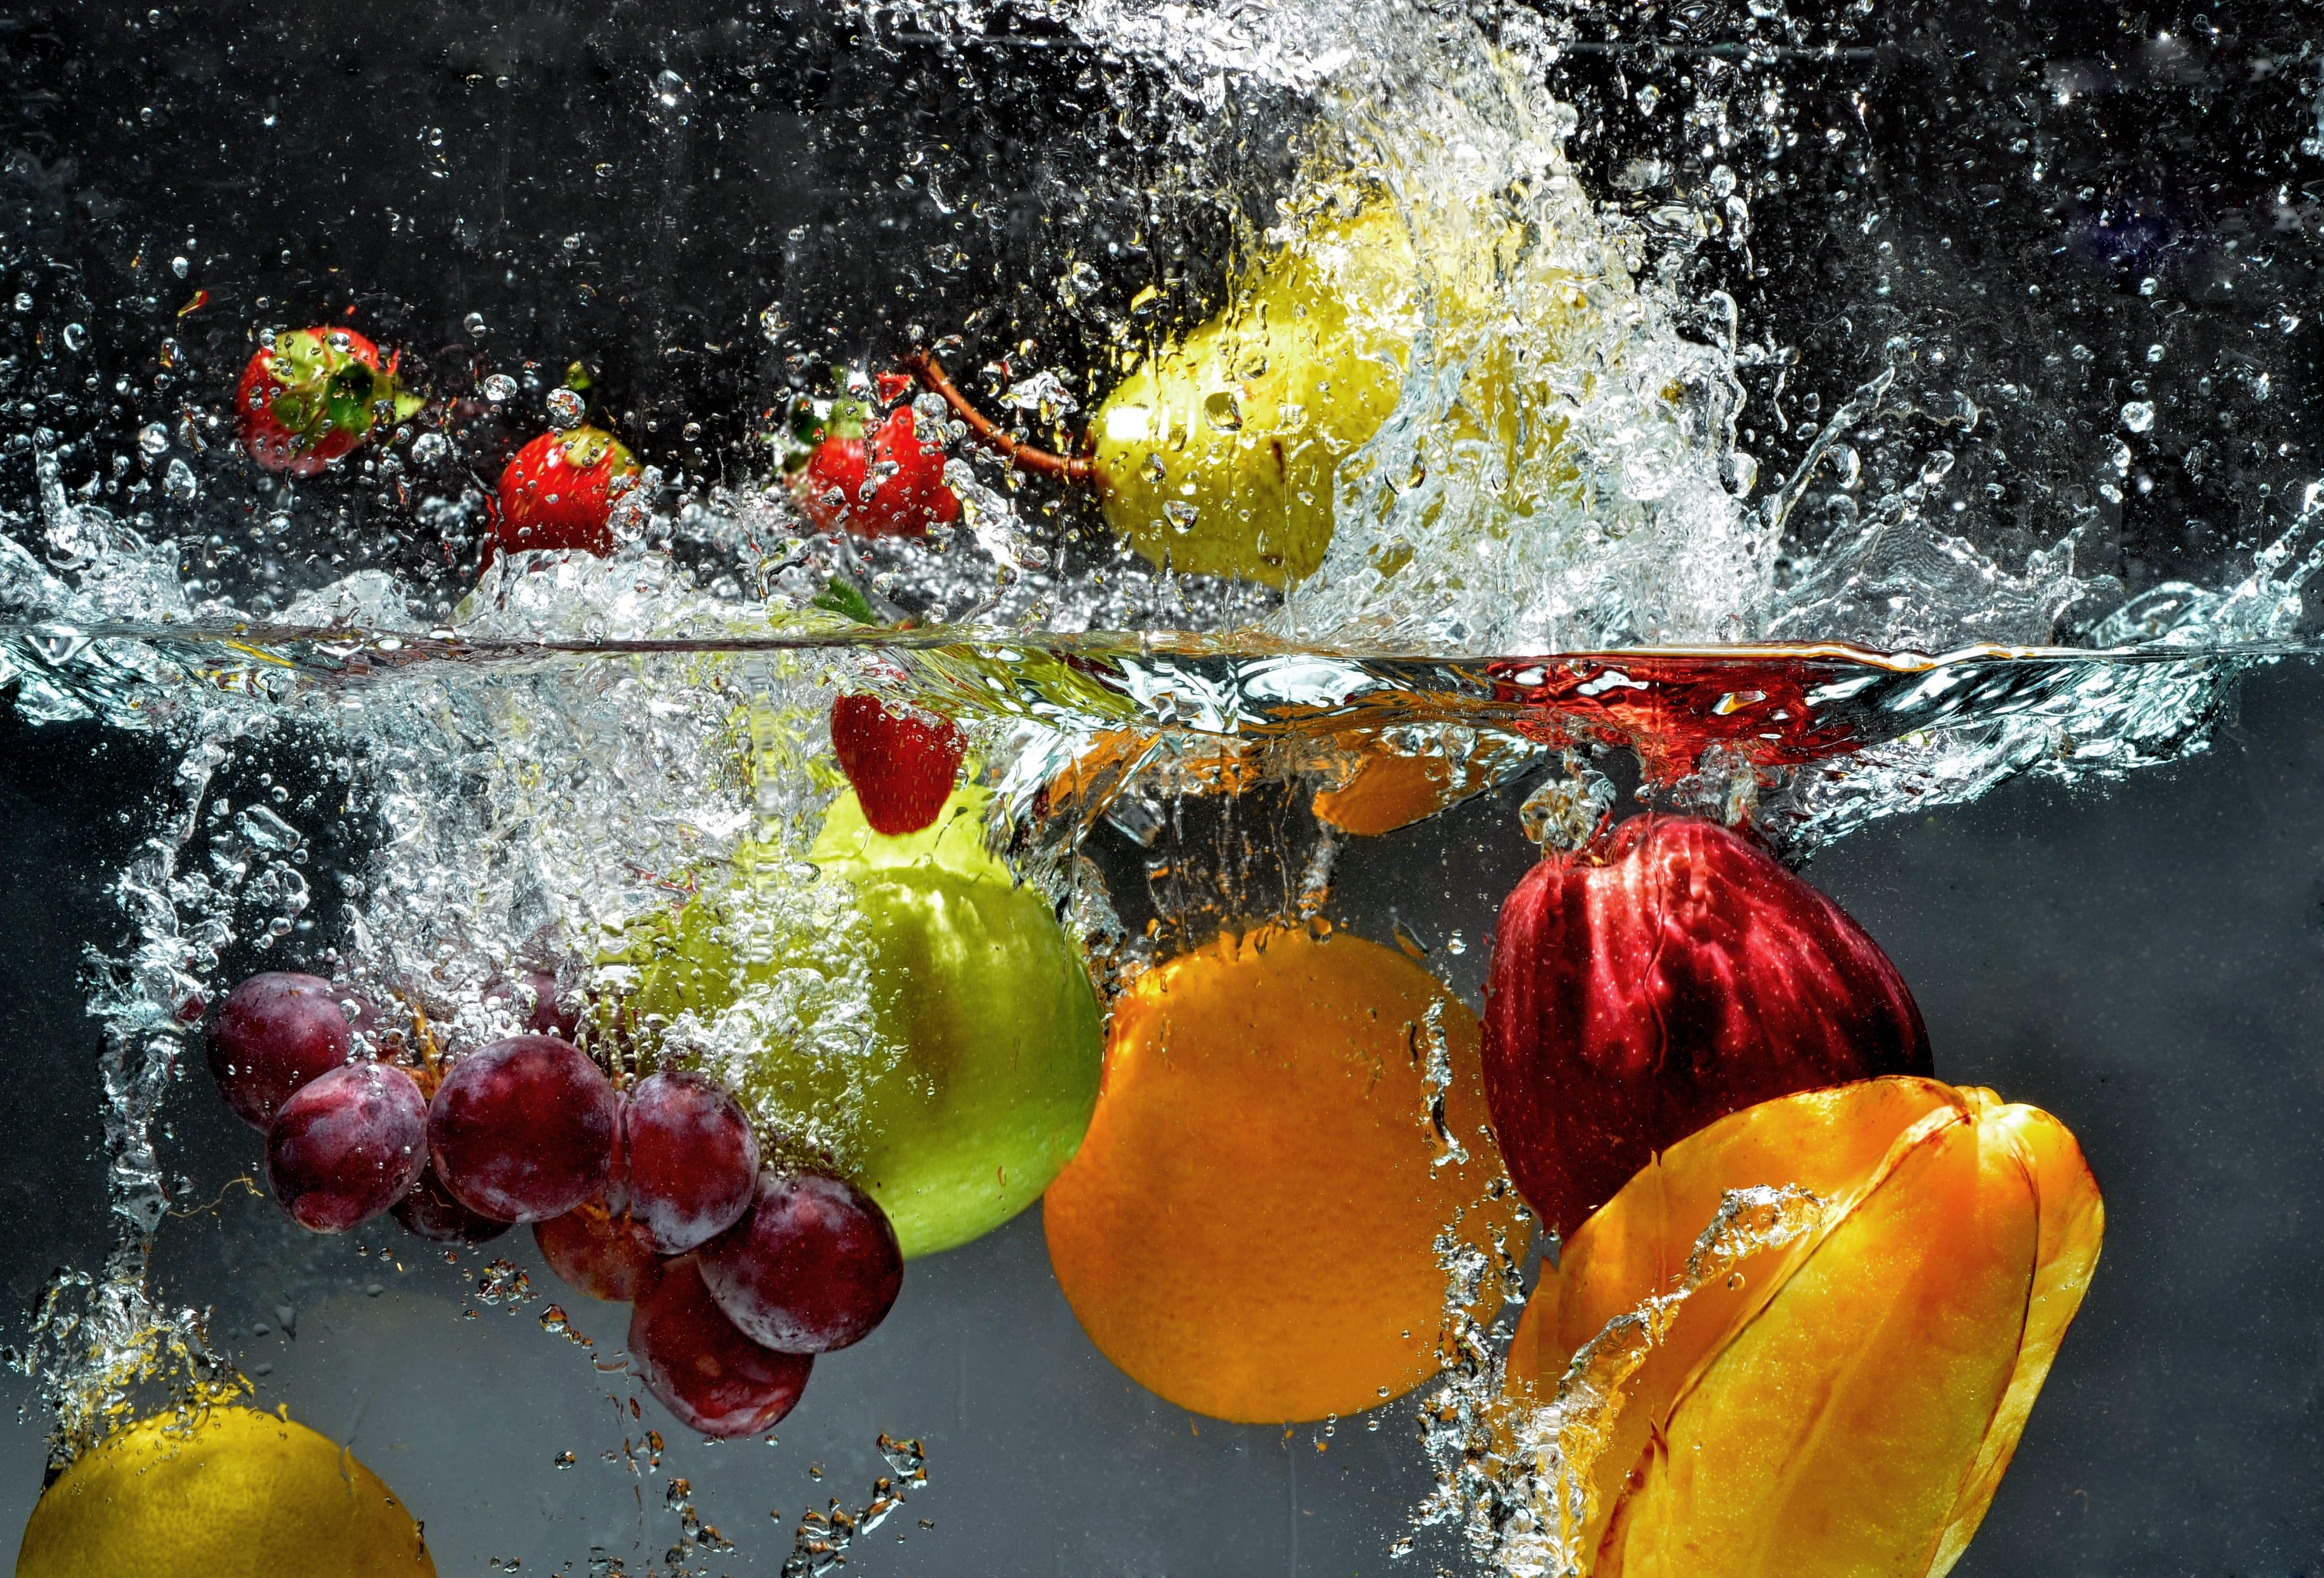 Obst und Gemüse richtig waschen – Das sollten Sie beachten